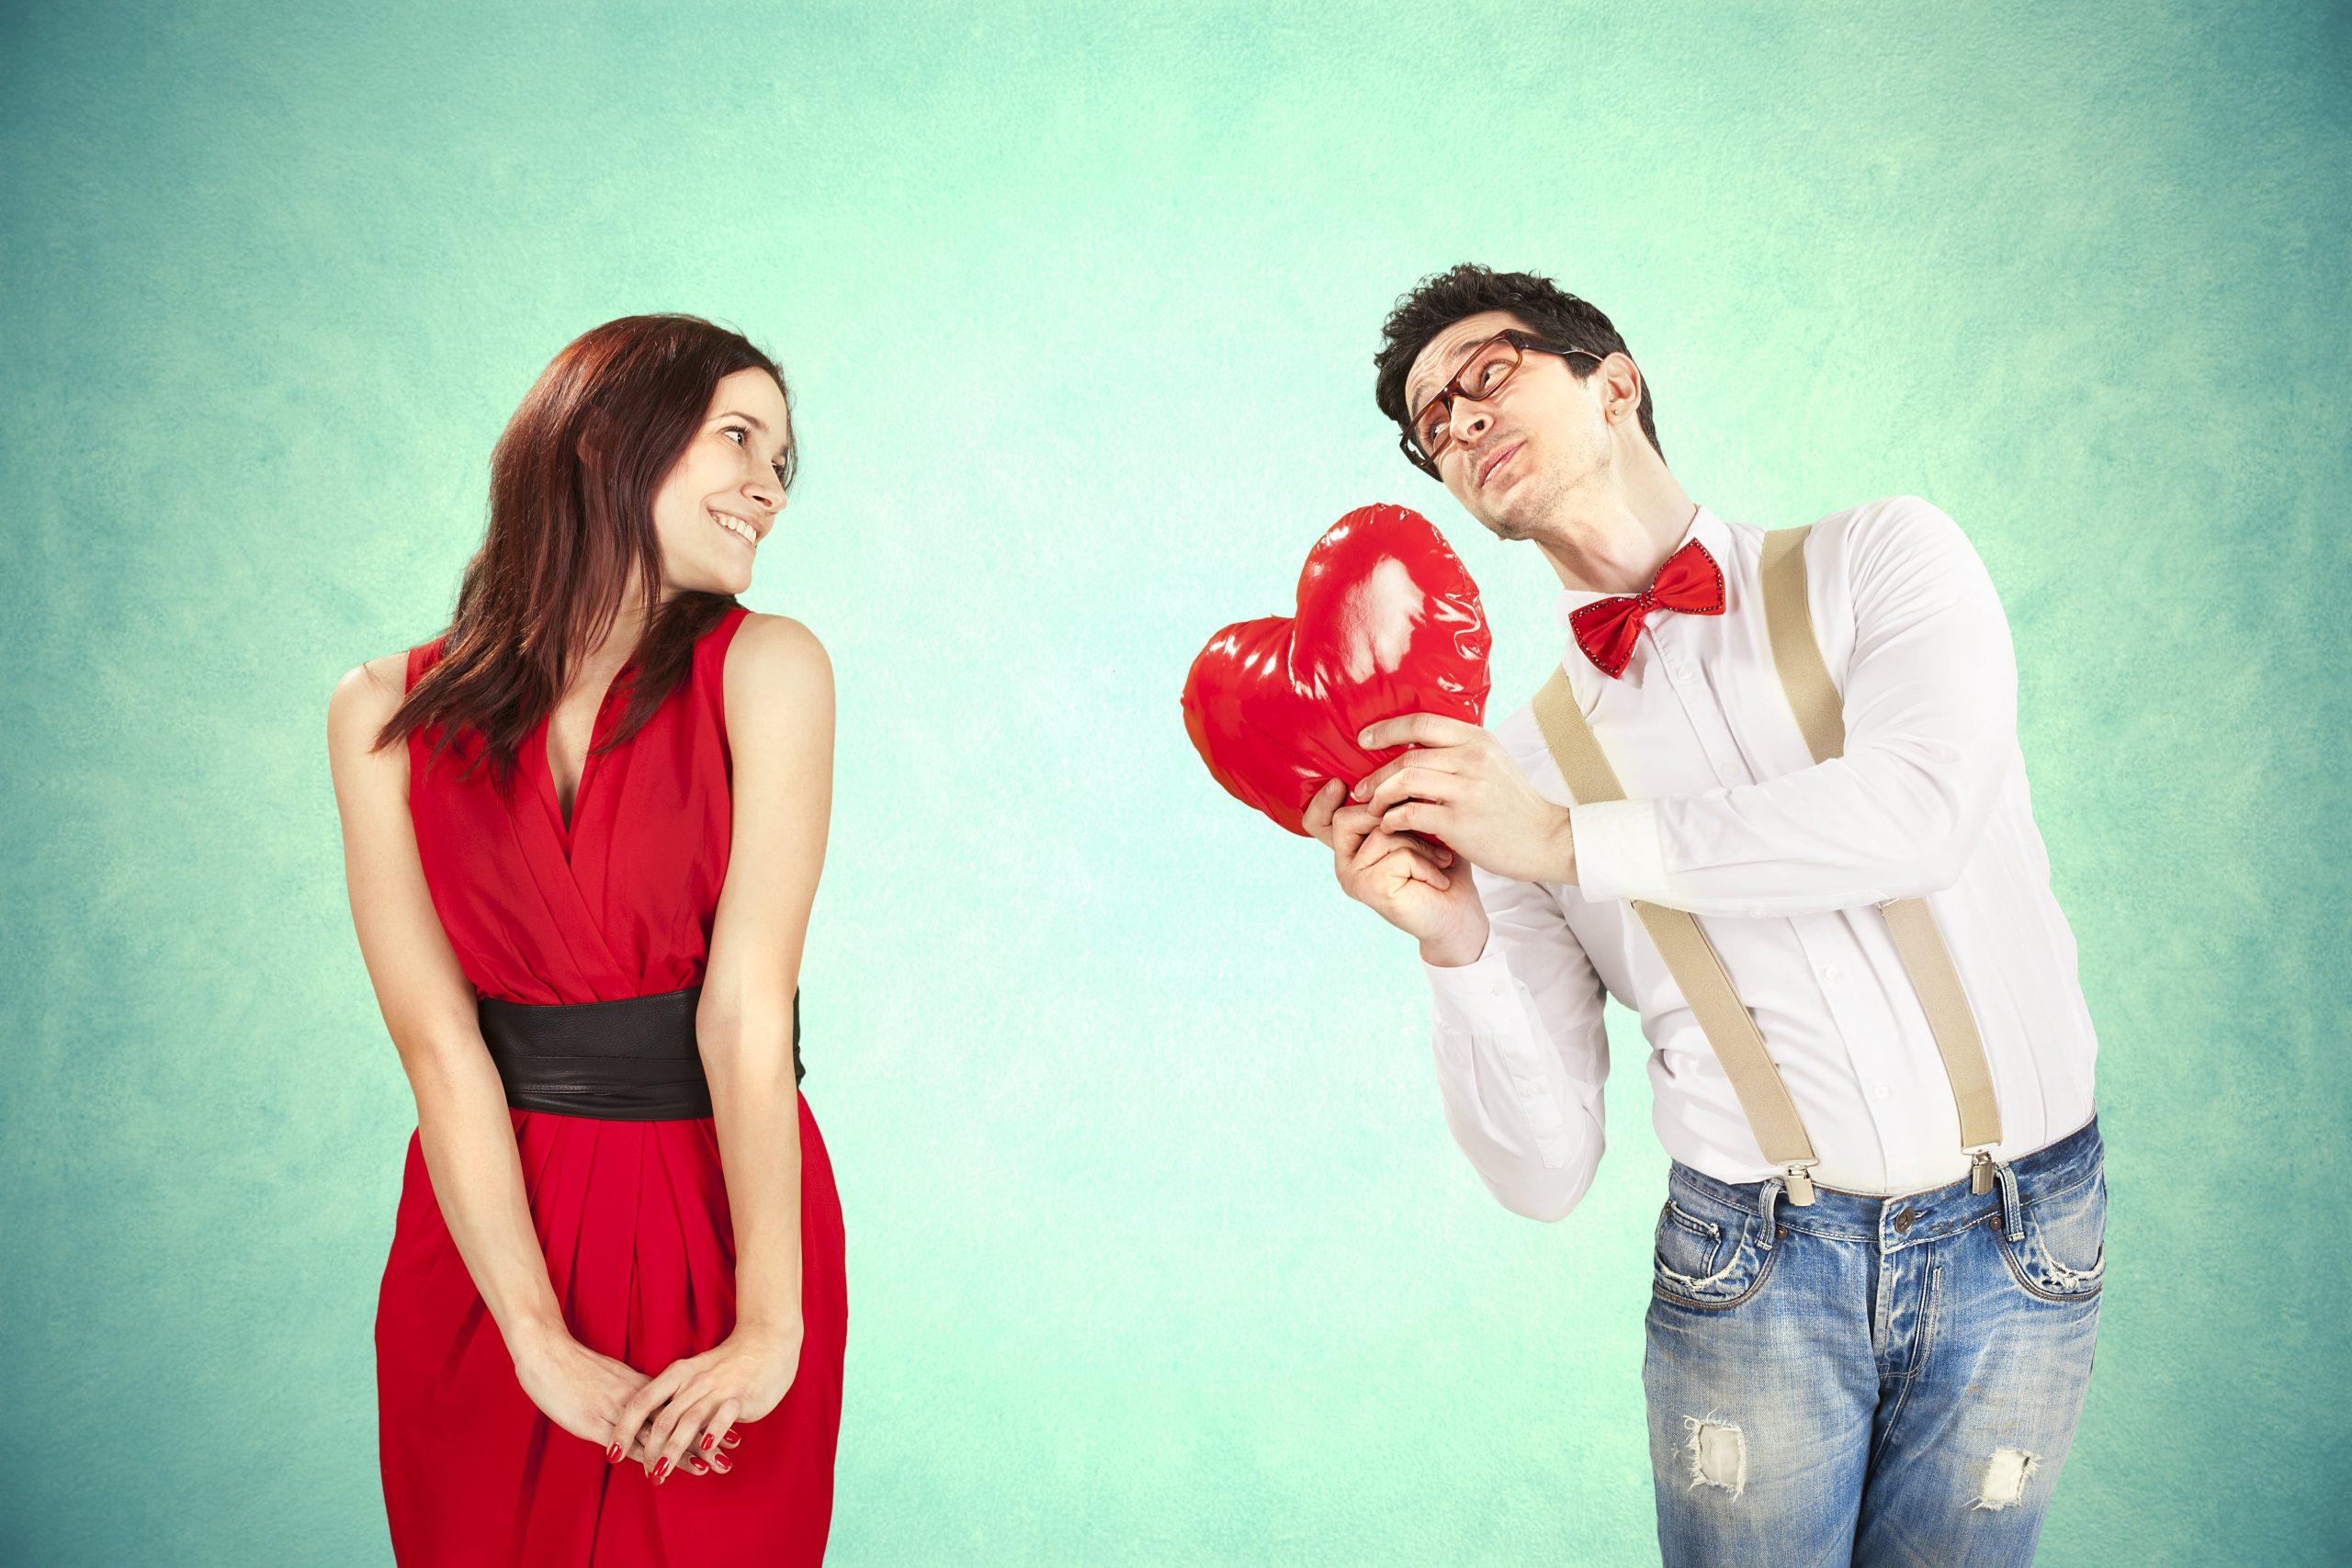 結婚するならこのアプローチが有効?【12星座別】気になる男性の落とし方